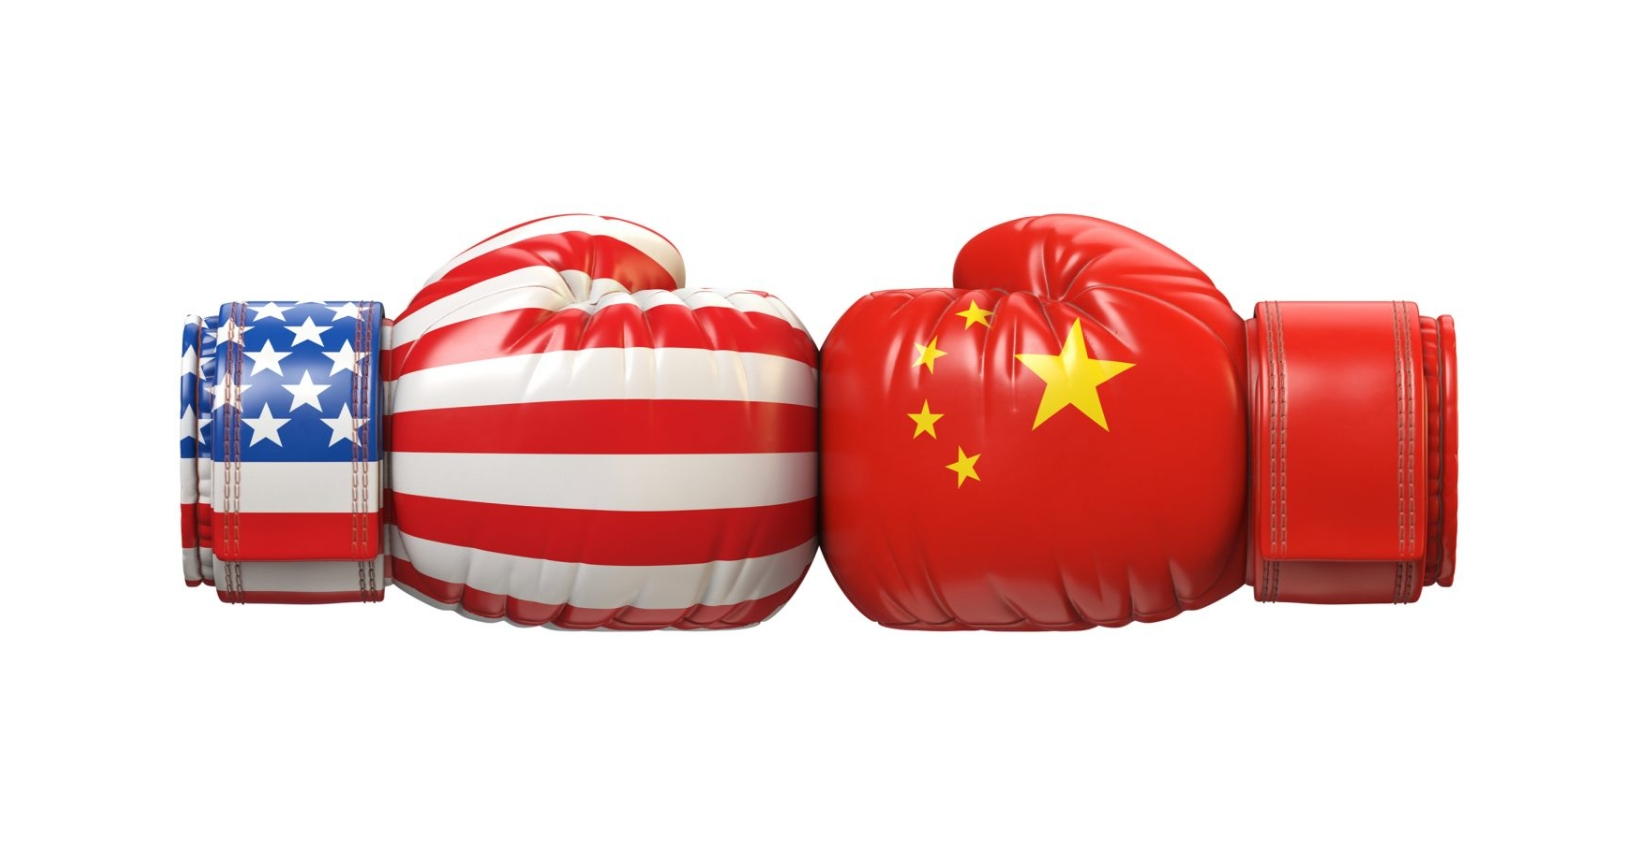 Huawei (ne)utlumuje výrobu, Čína se chystá na protiúder [aktualizováno]